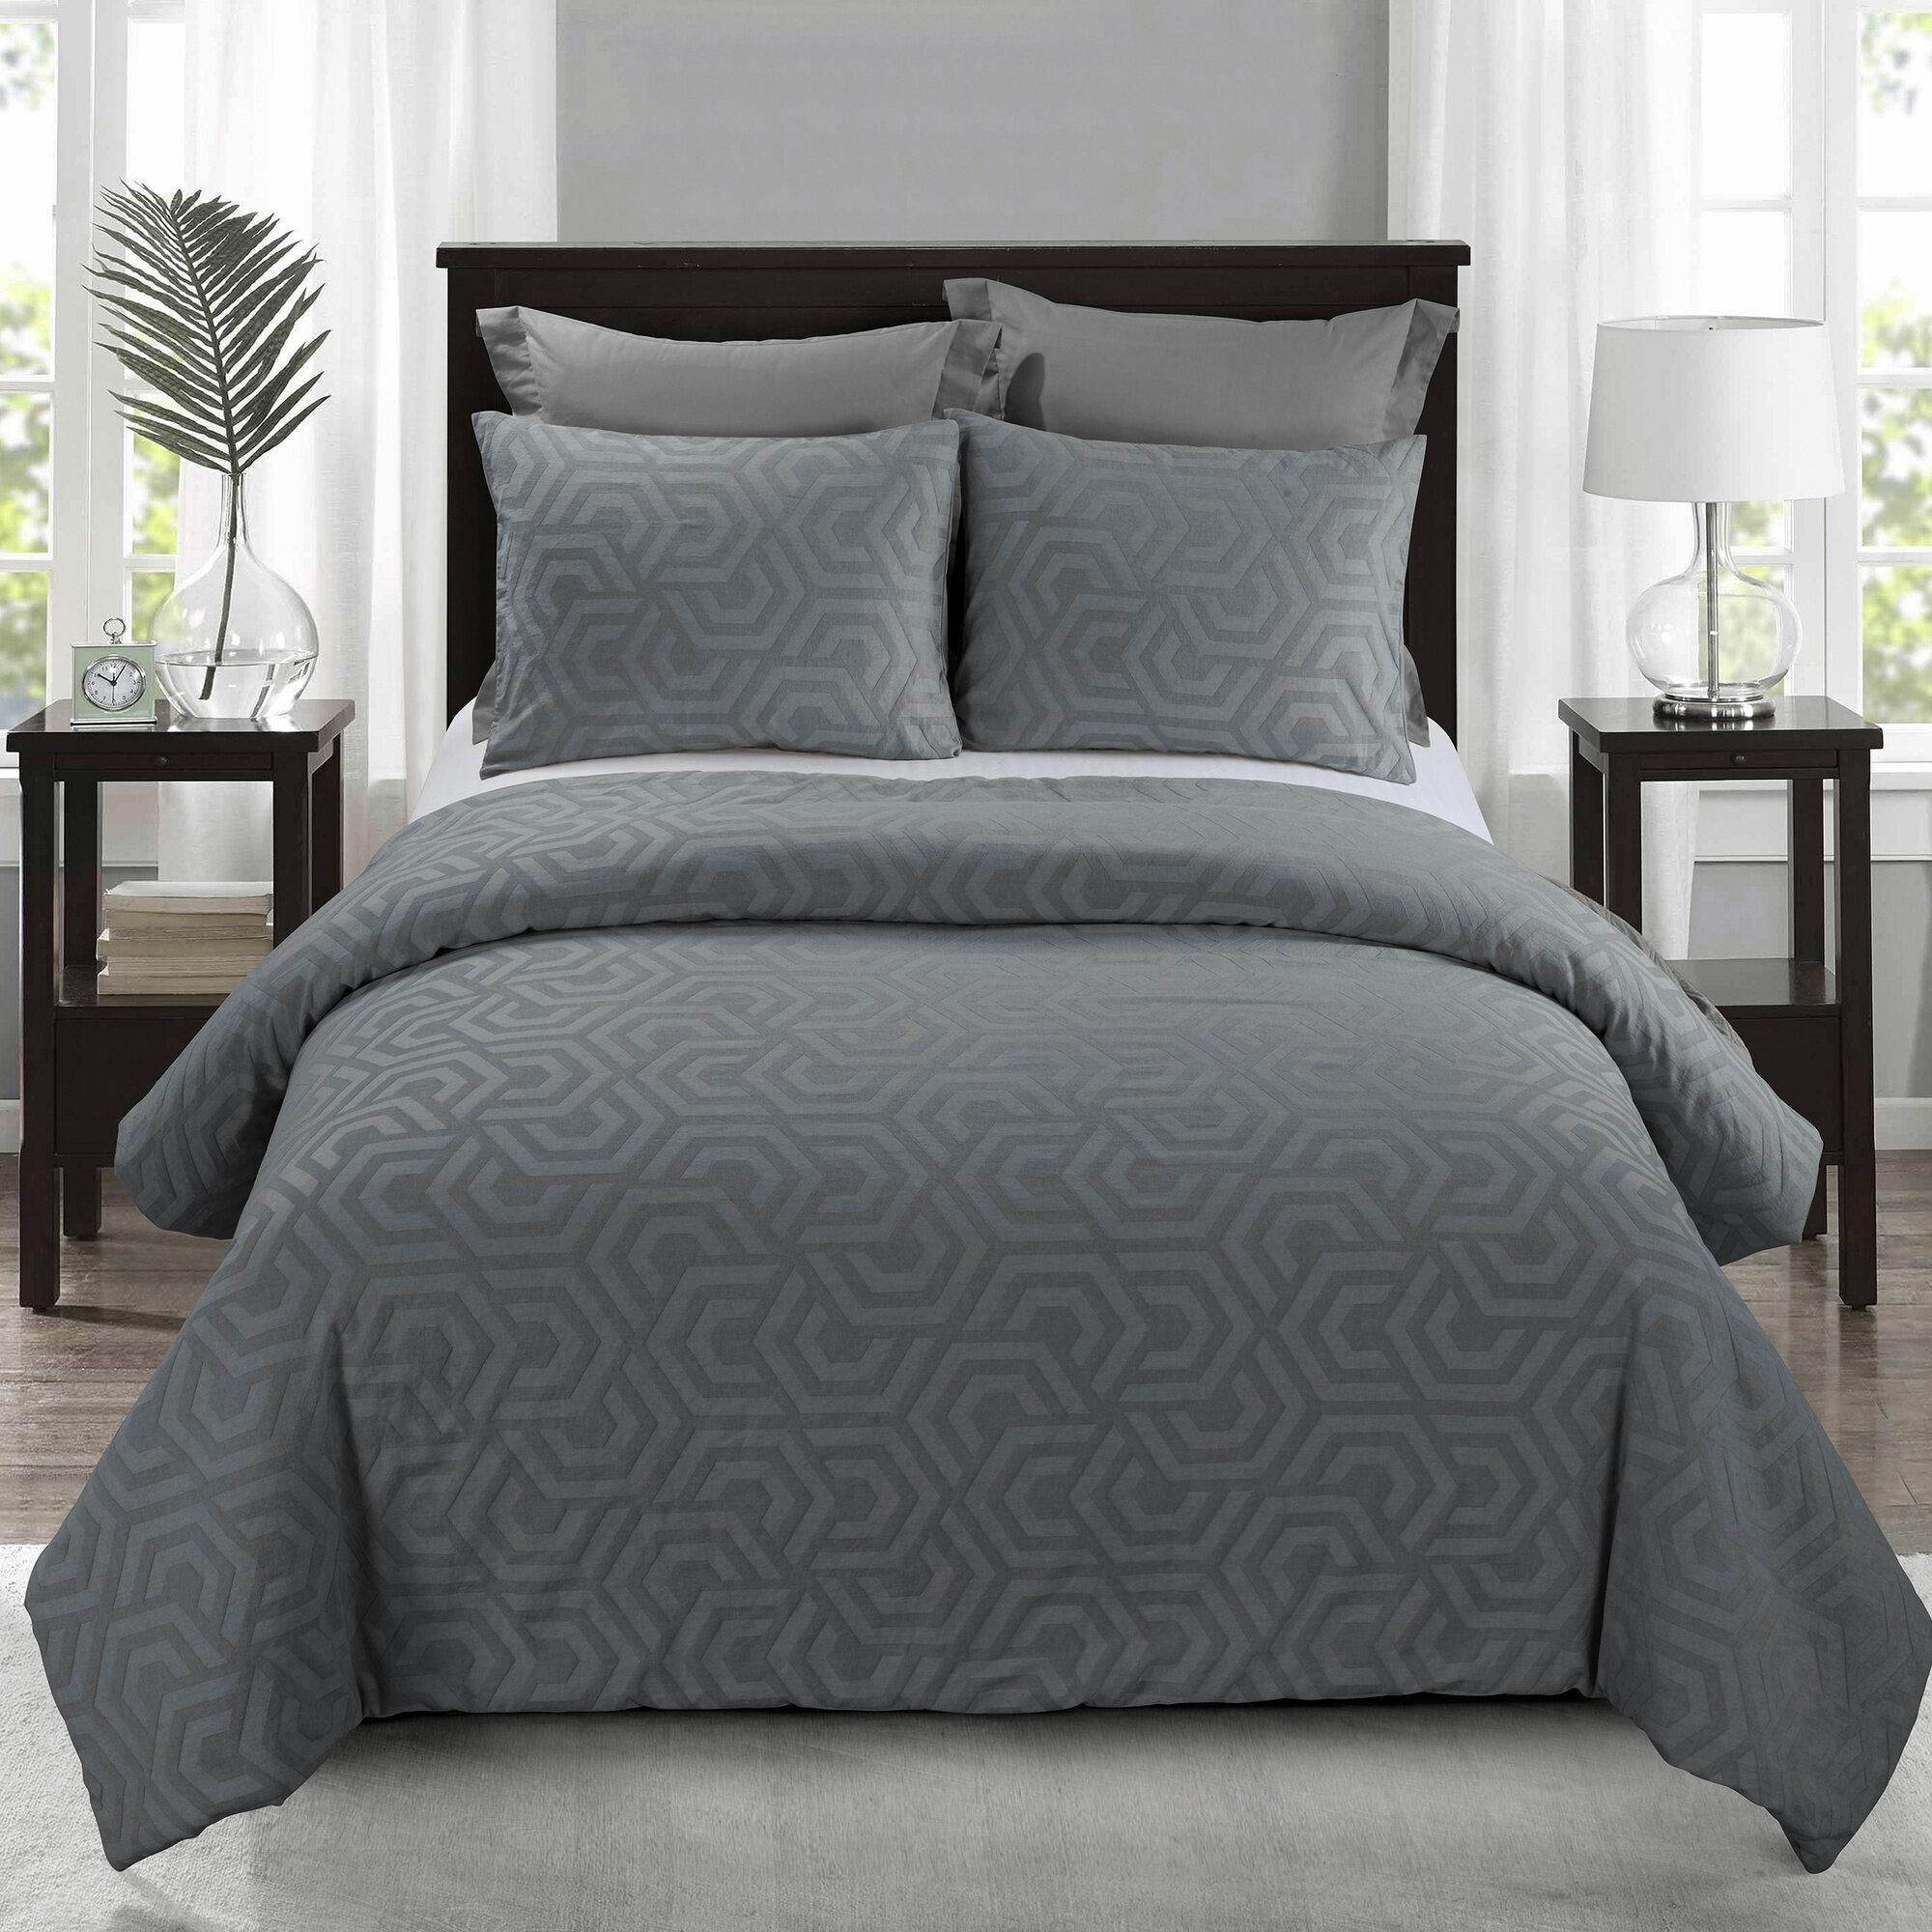 Wrought Studio Agadir Comforter Set Reviews Wayfair